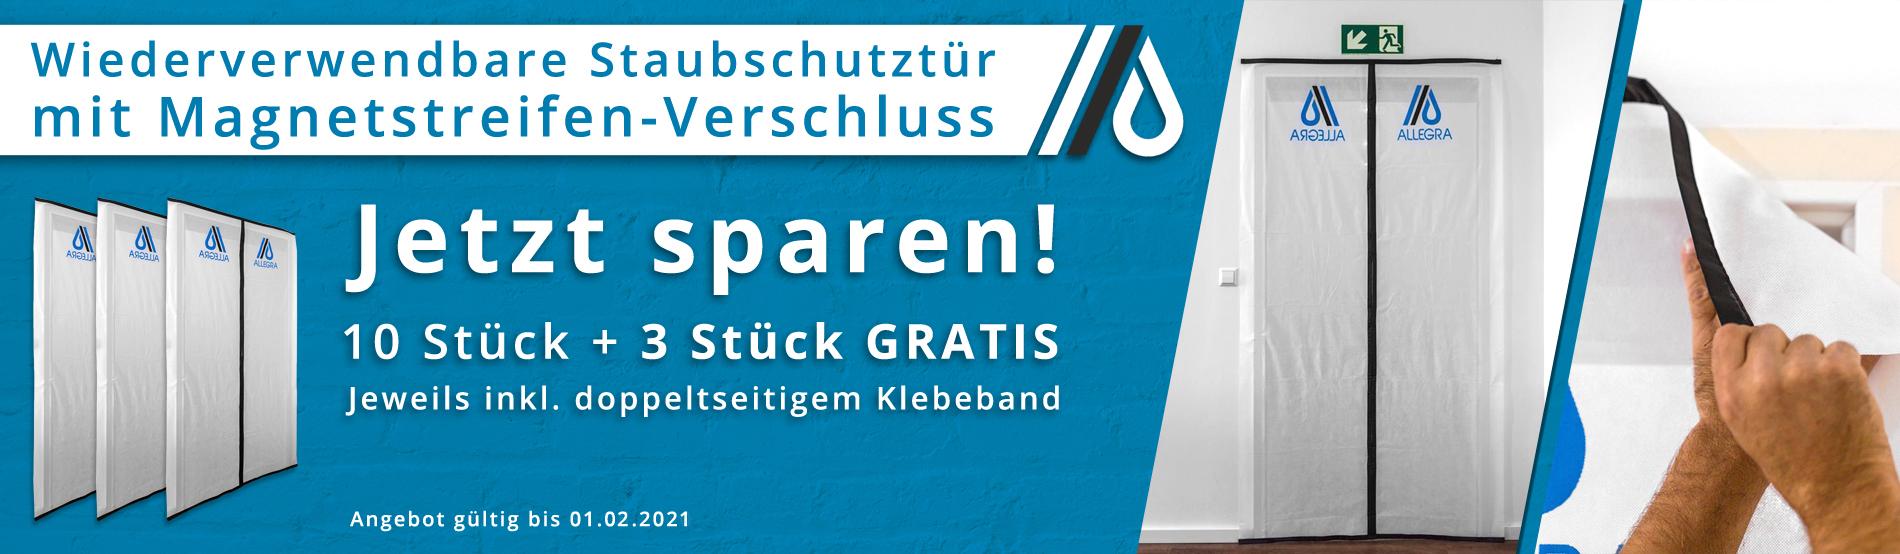 Qualität zum Sparpreis – 10 Staubschutztüren + 3 Staubschutztüren gratis!